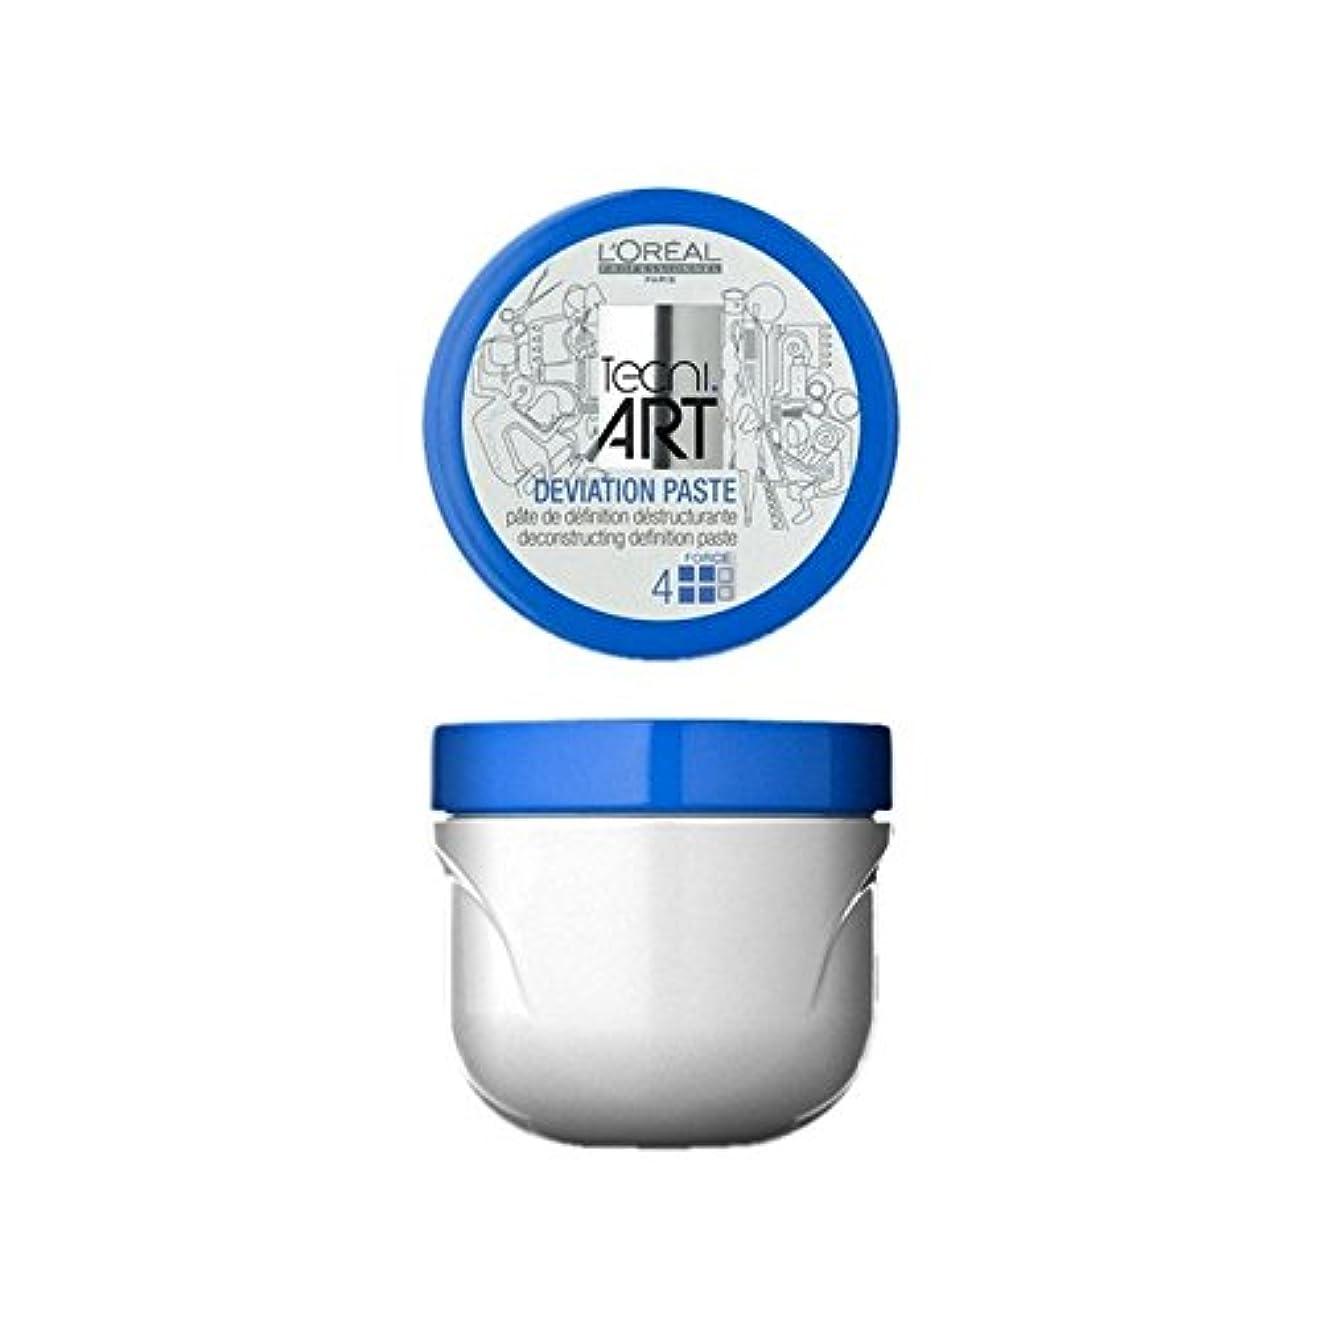 スーツケース戻る海軍ロレアルプロフェッショナル技術偏差ペースト(100)に x2 - L'Oreal Professionnel Tecni Art Deviation Paste (100ml) (Pack of 2) [並行輸入品]